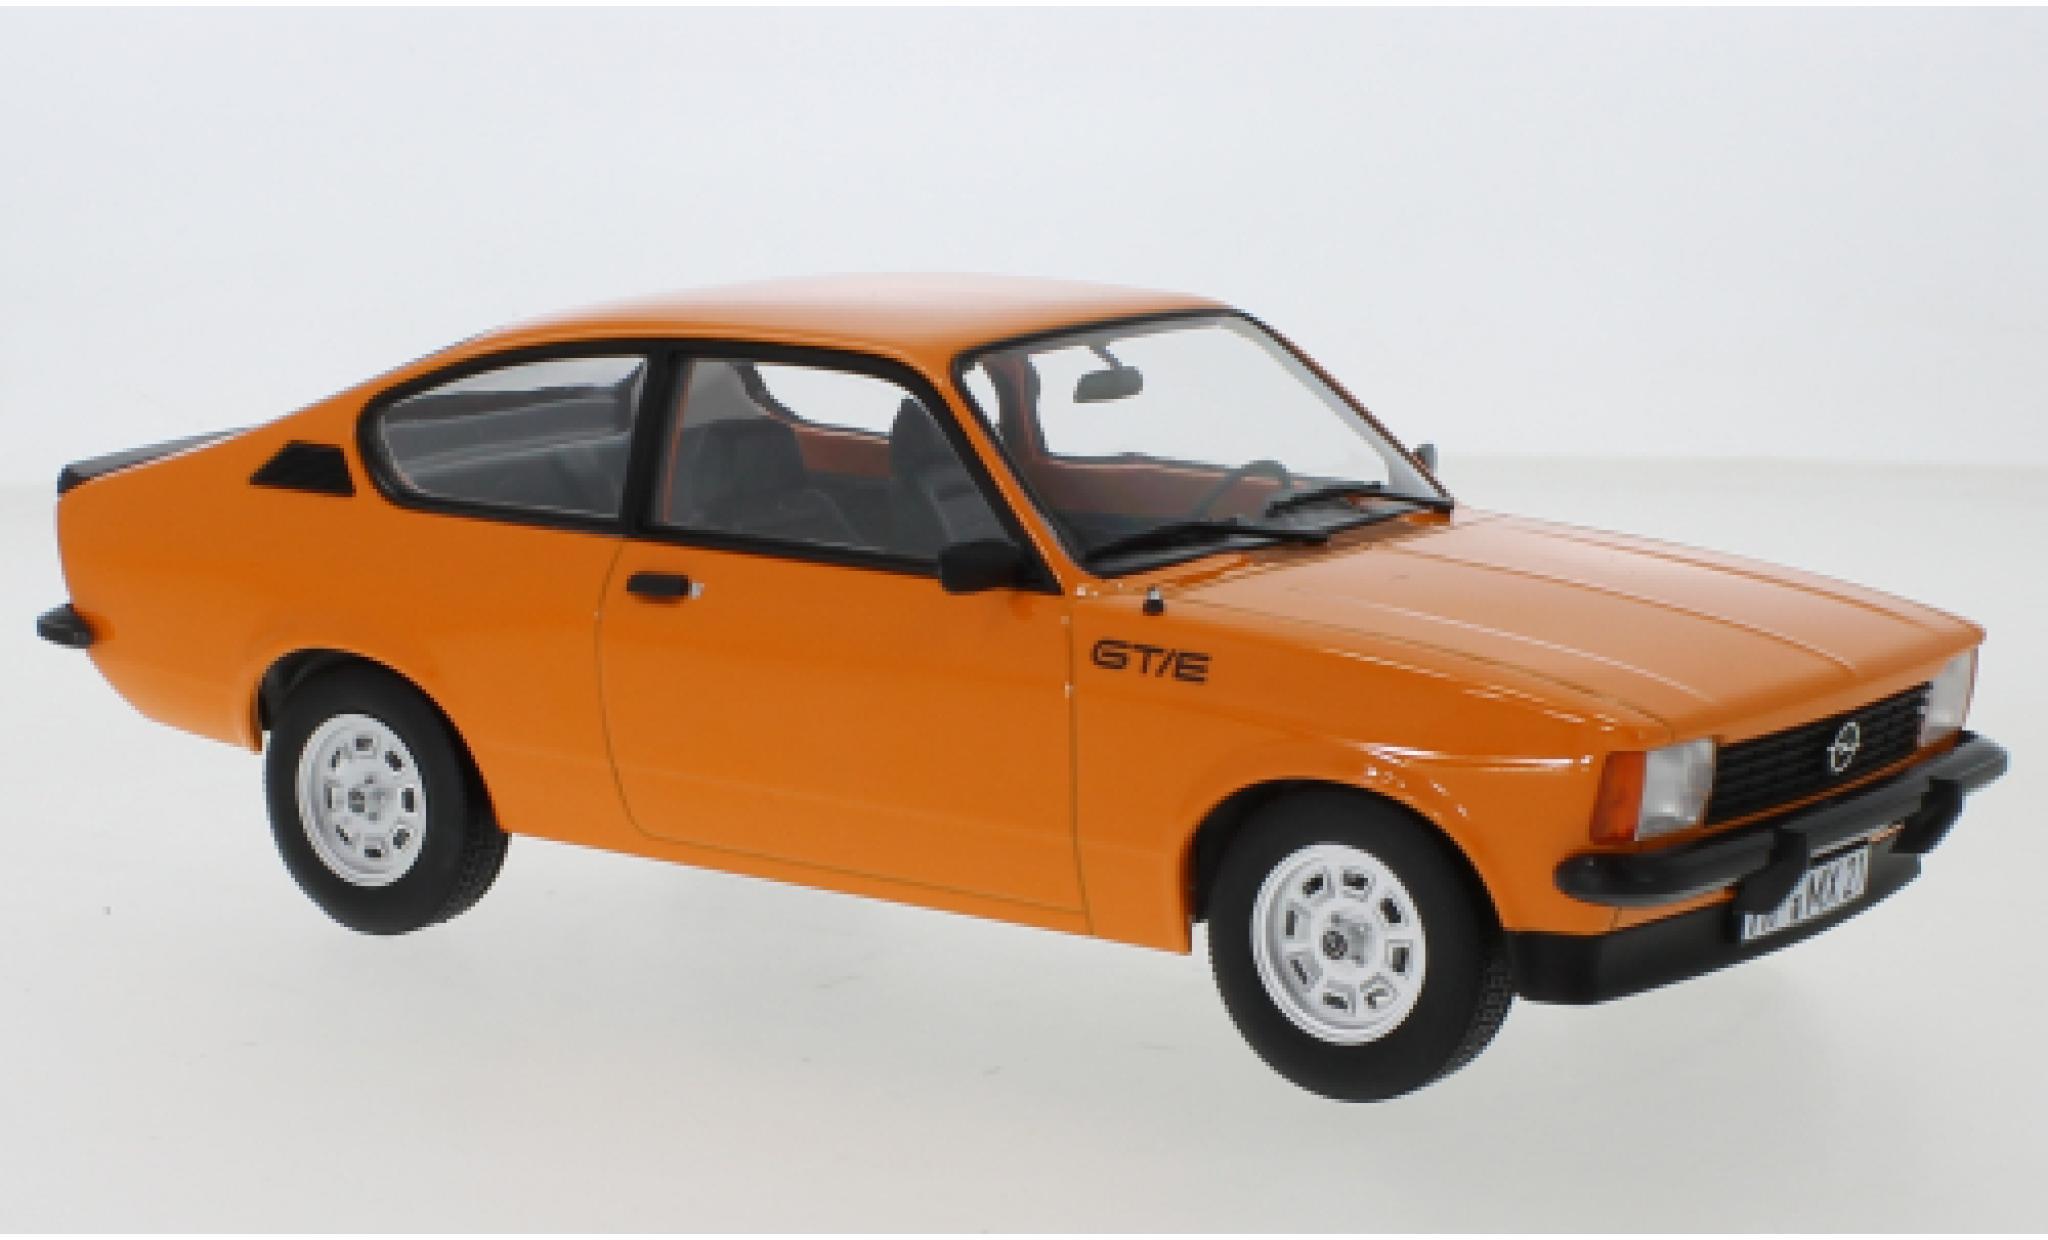 Opel Kadett 1/18 Norev C GT/E orange 1977